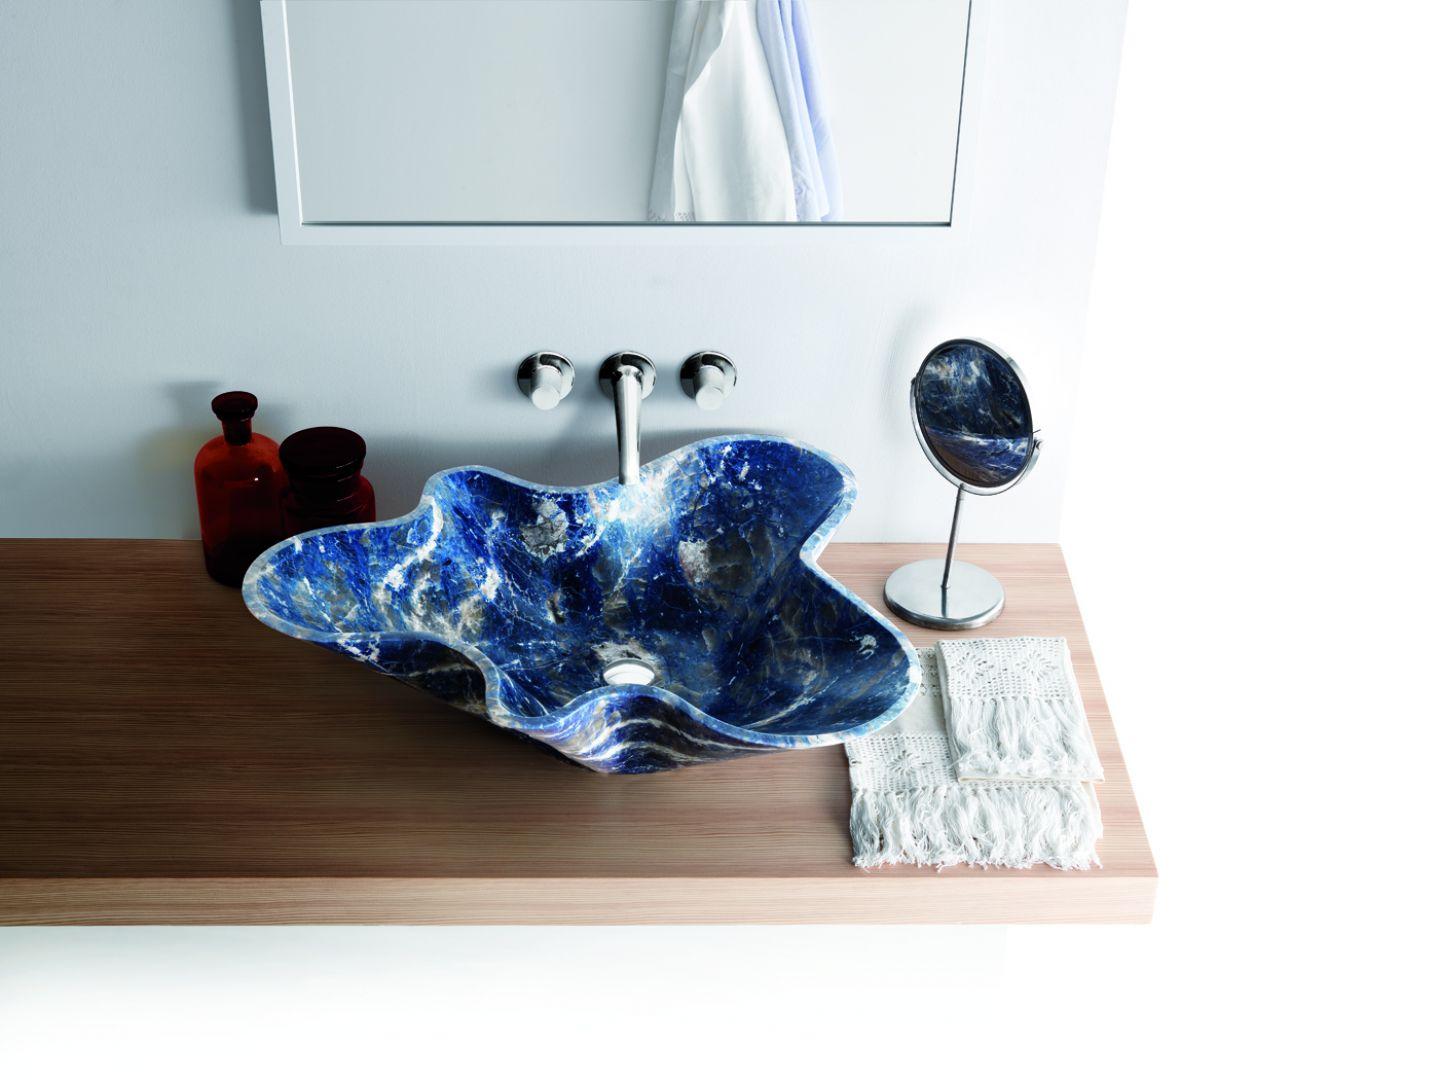 Nablatowa umywalka z kolekcji Nabhi o niezwykłym, pofalowanym kształcie, w pięknym błękitnym wykończeniu Blue Sodalite. Fot. Kreoo